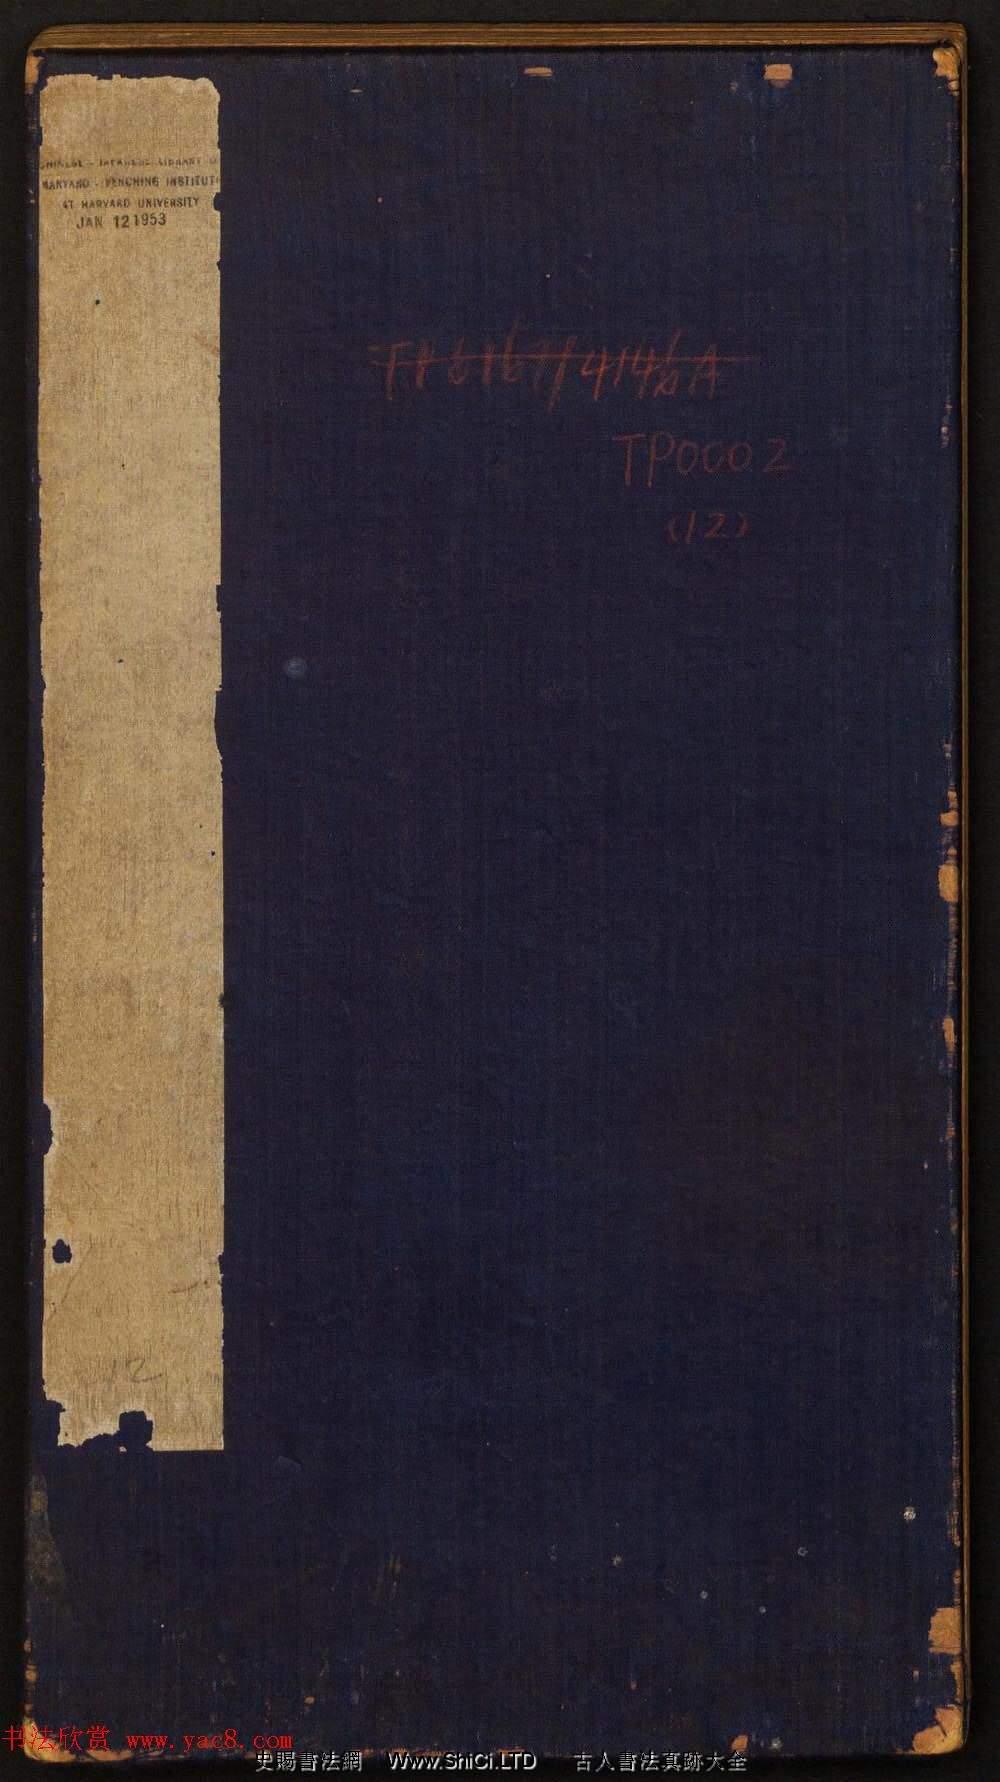 《戲鴻堂法書》第十二冊清拓本(共27張圖片)